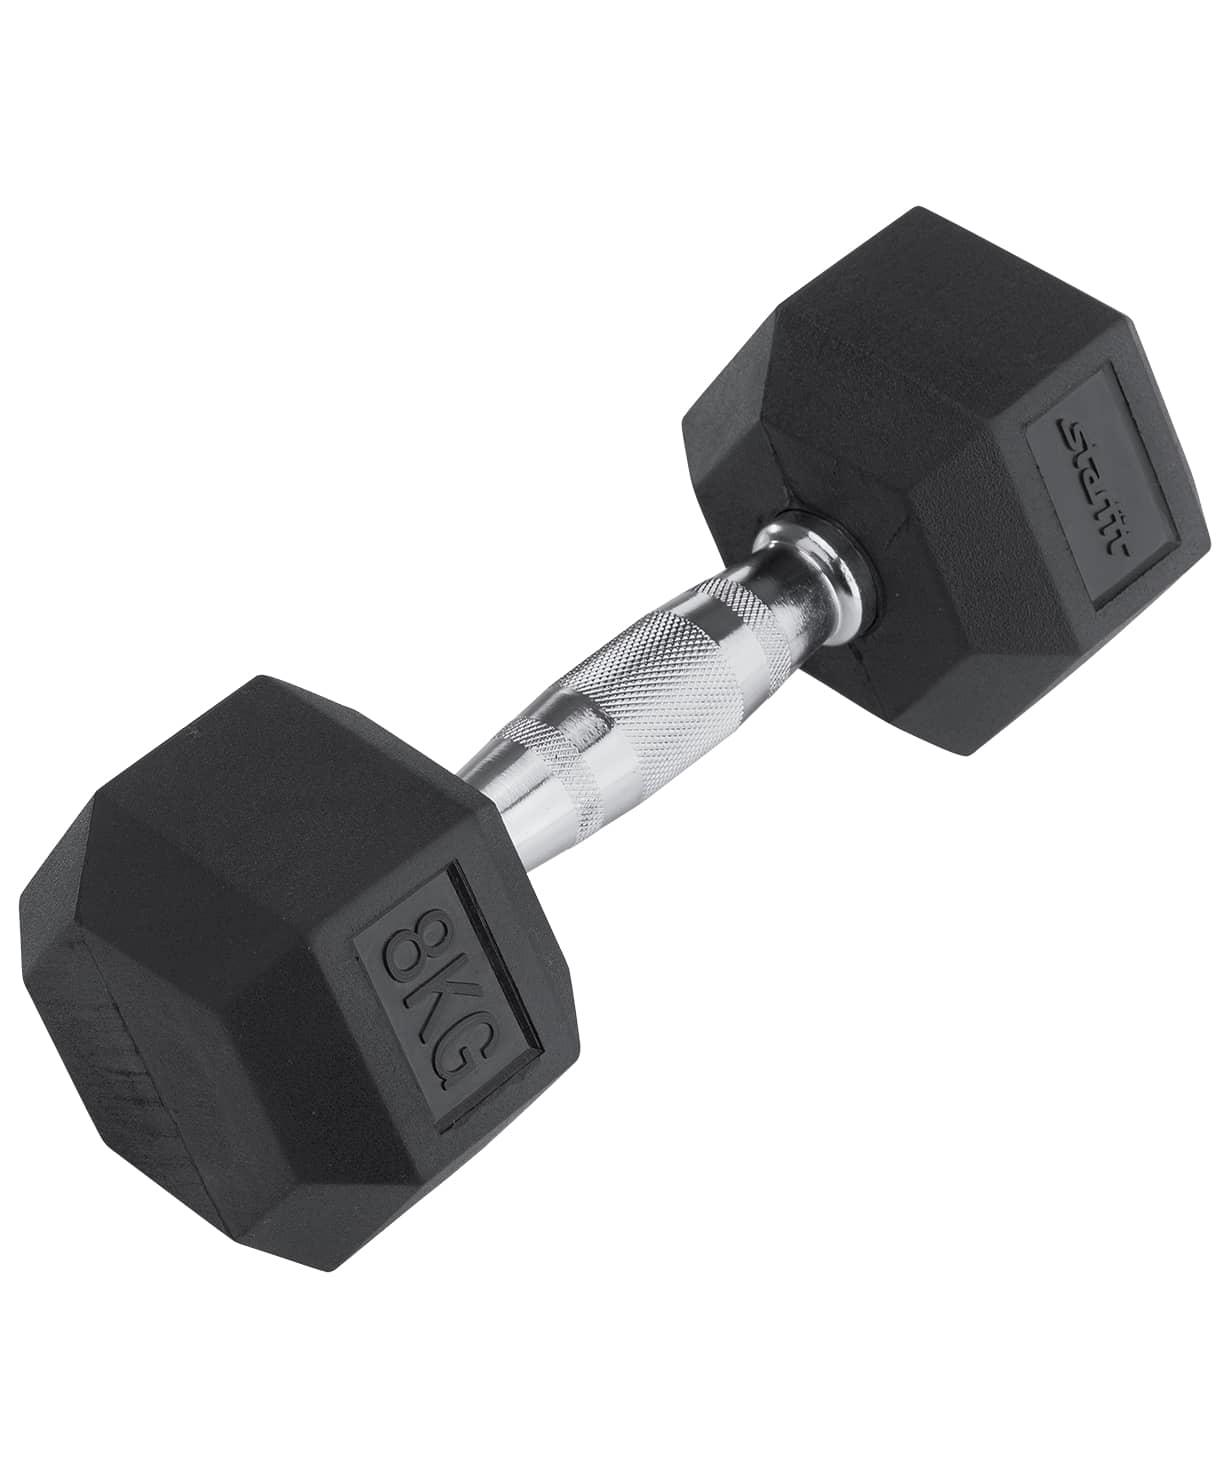 Гантель обрезиненная DB-301 8 кг, черная